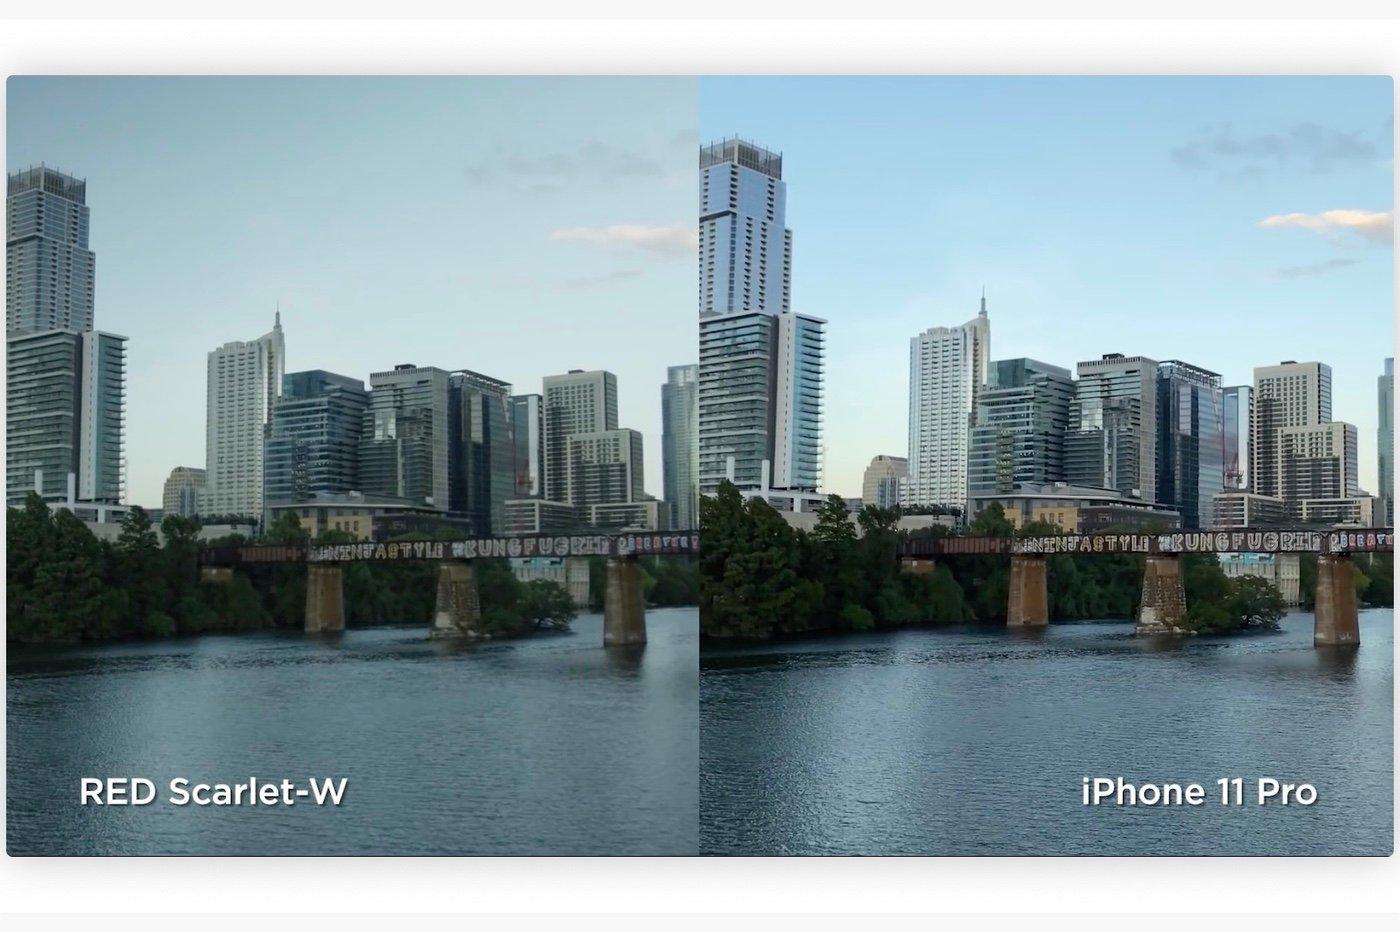 Vidéo : l'iPhone 11 Pro comparé à une caméra RED à 10k dollars 1